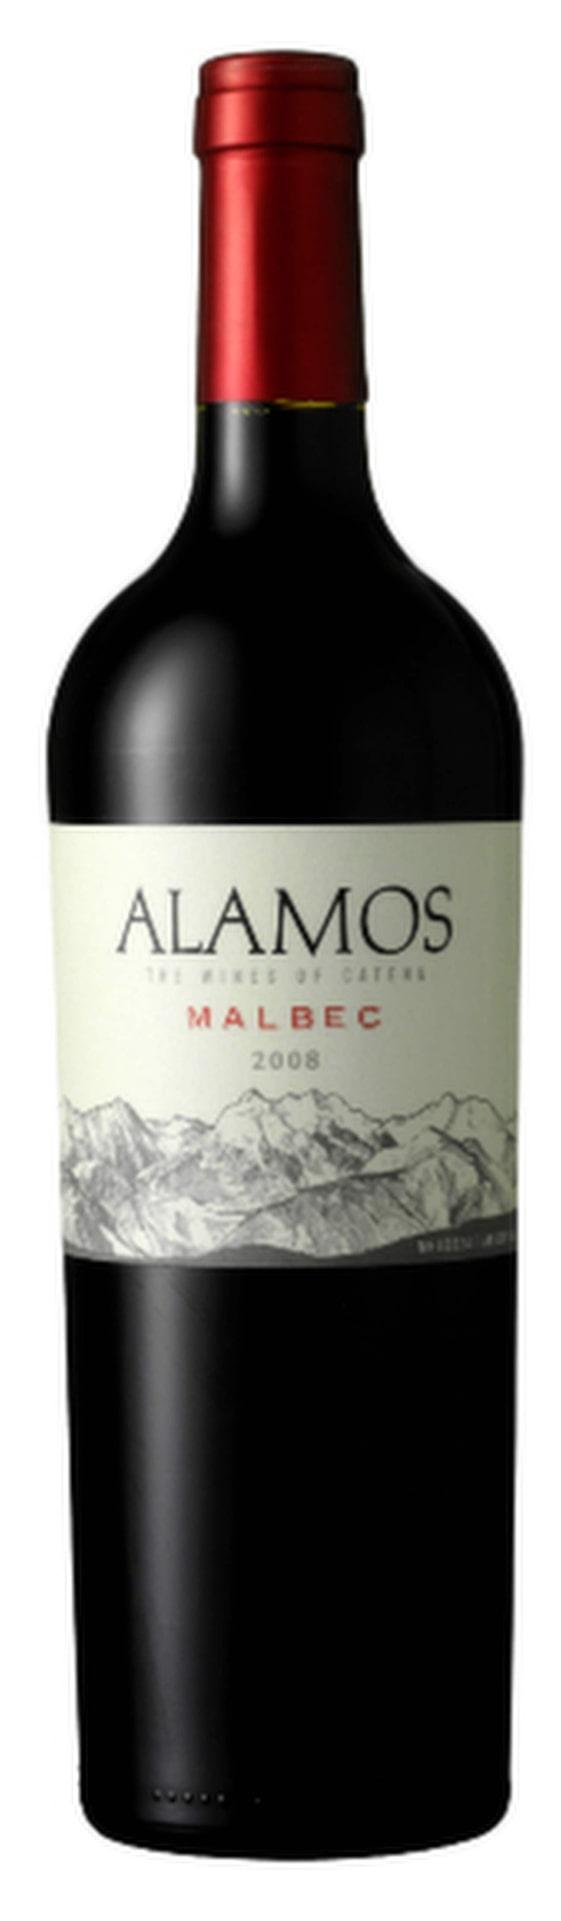 RöttAlamos Malbec 2014 (6670) Argentina, 95 krSmakrikt och stadigt med generös fruktighet, toner av björnbär, kaffe och violer. Gott till grillade kalvkotletter med fetaostkräm.